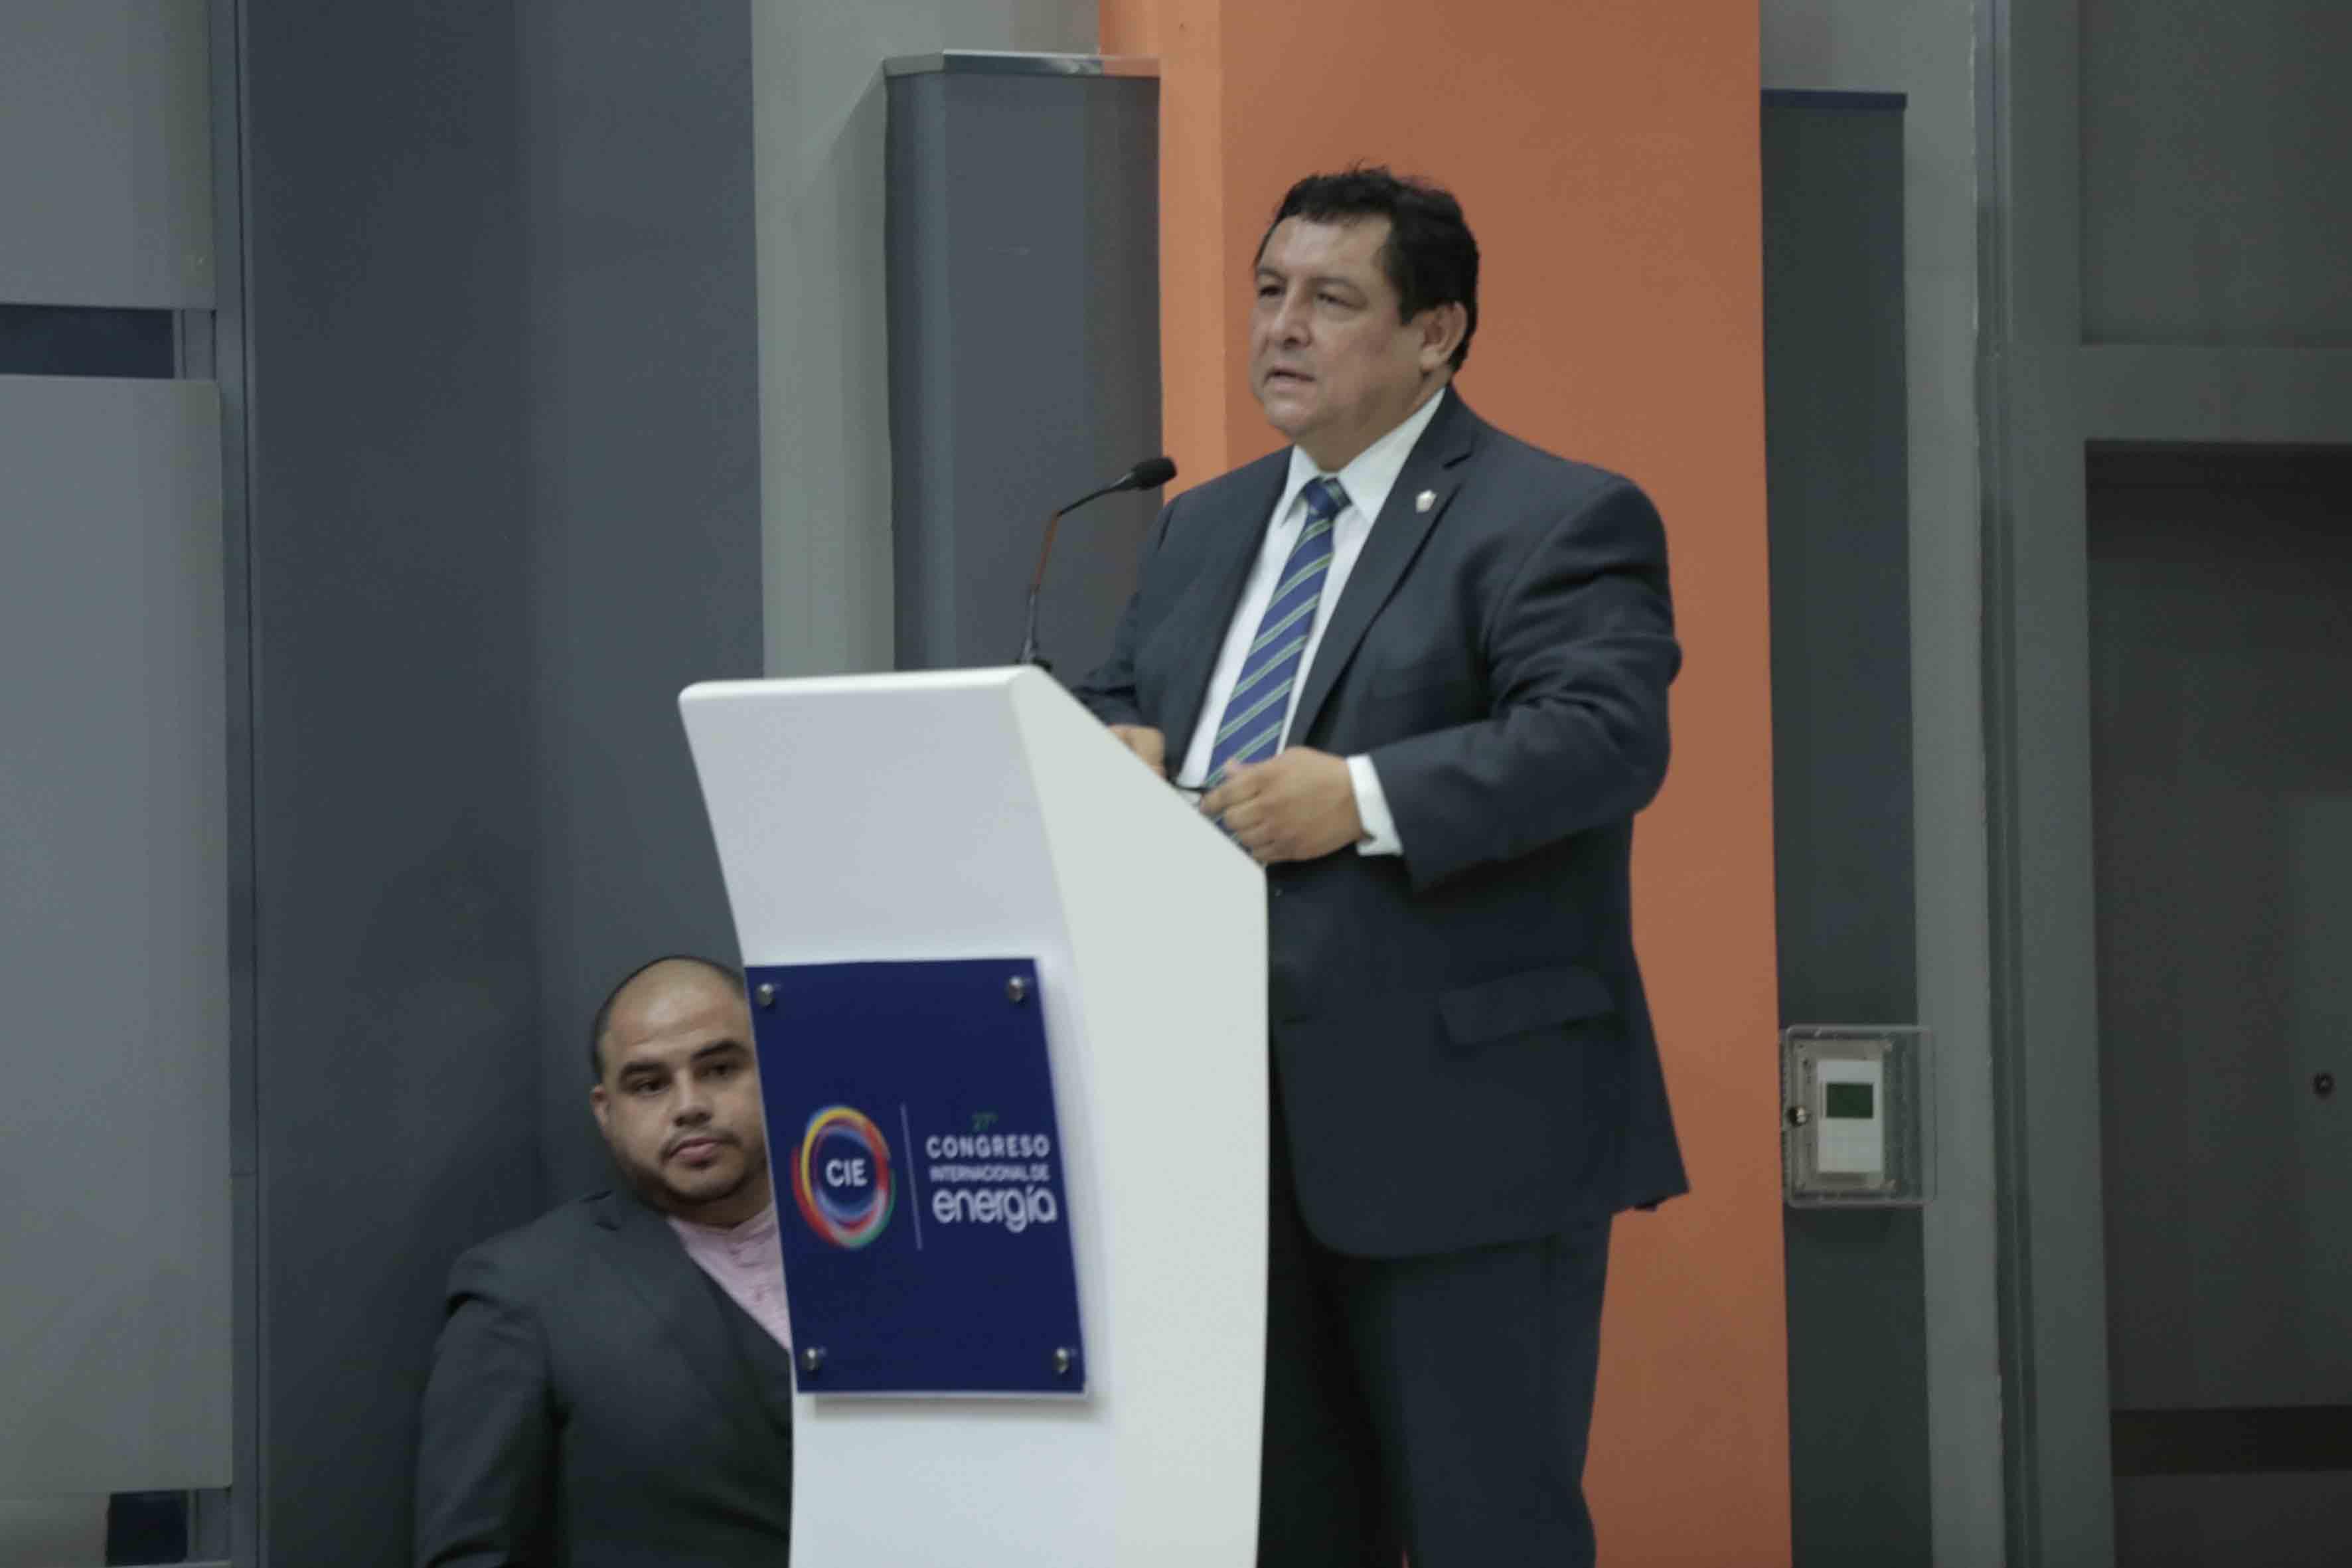 El presidente del Colegio de Ingenieros Mecánicos y Electricistas del Estado de Jalisco (CIMEJ), ingeniero Sergio Corona Cárdenas, en podium haciendo uso de la palabra, durante el 27° Congreso Internacional de Energia.